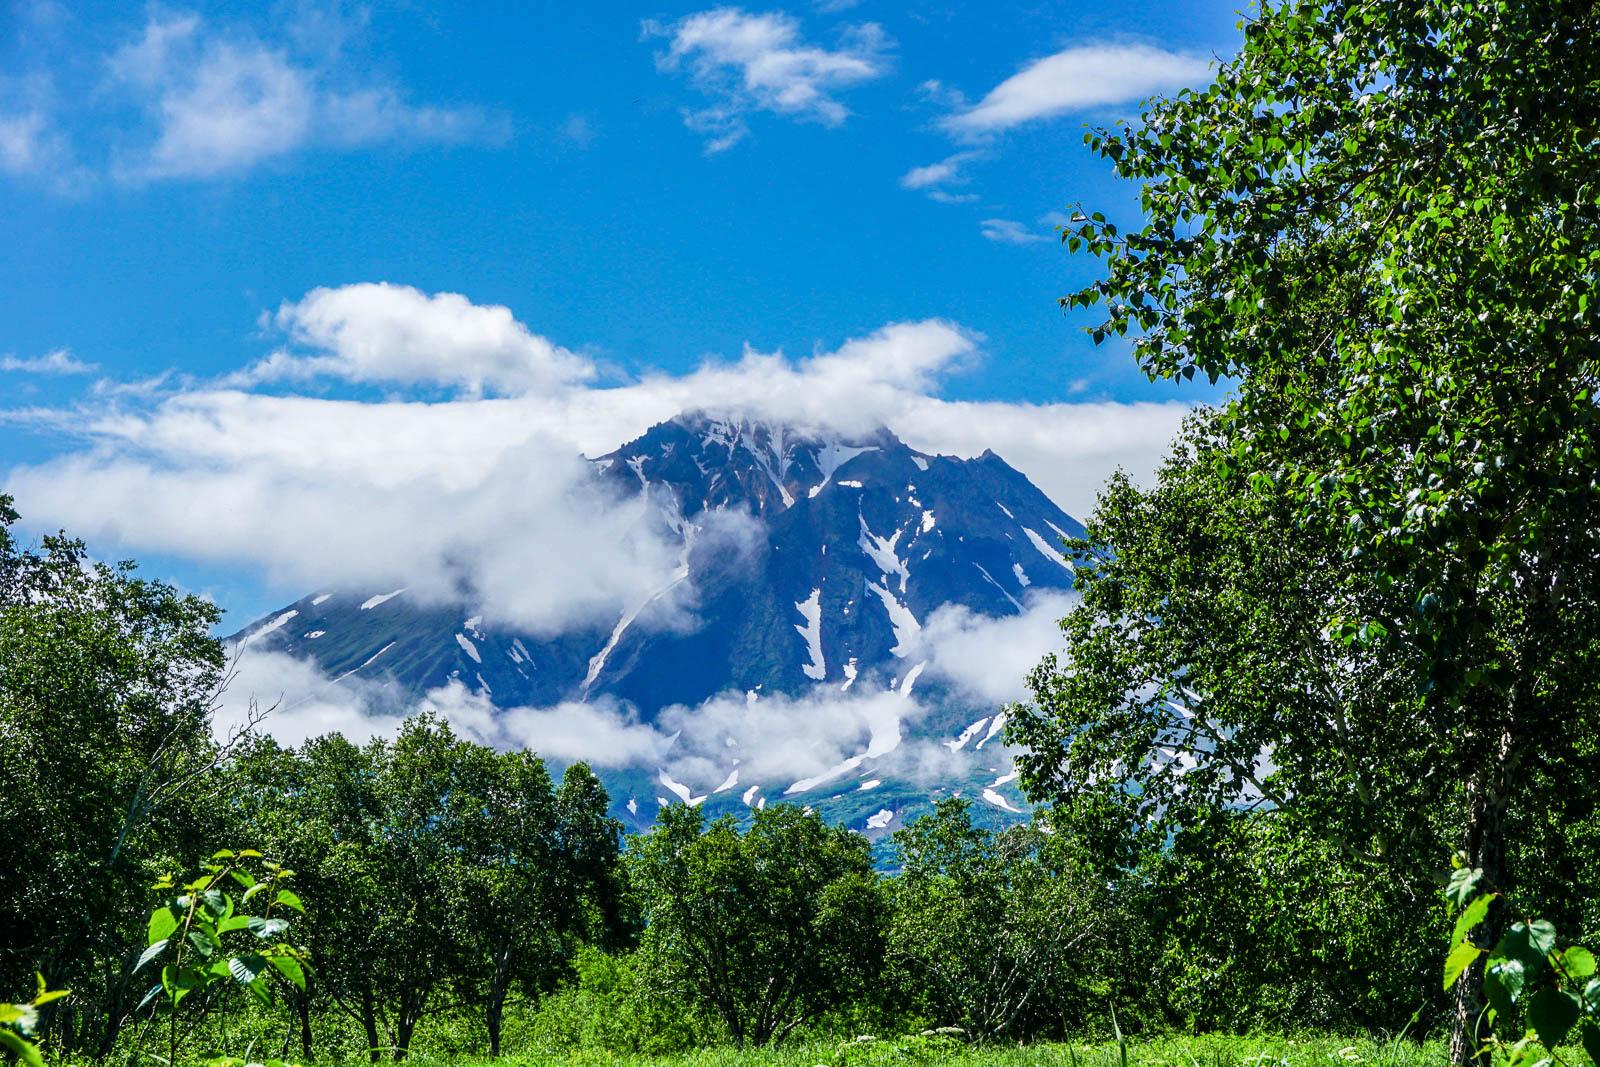 kamchatka-2015-khodutka-hot-springs-19